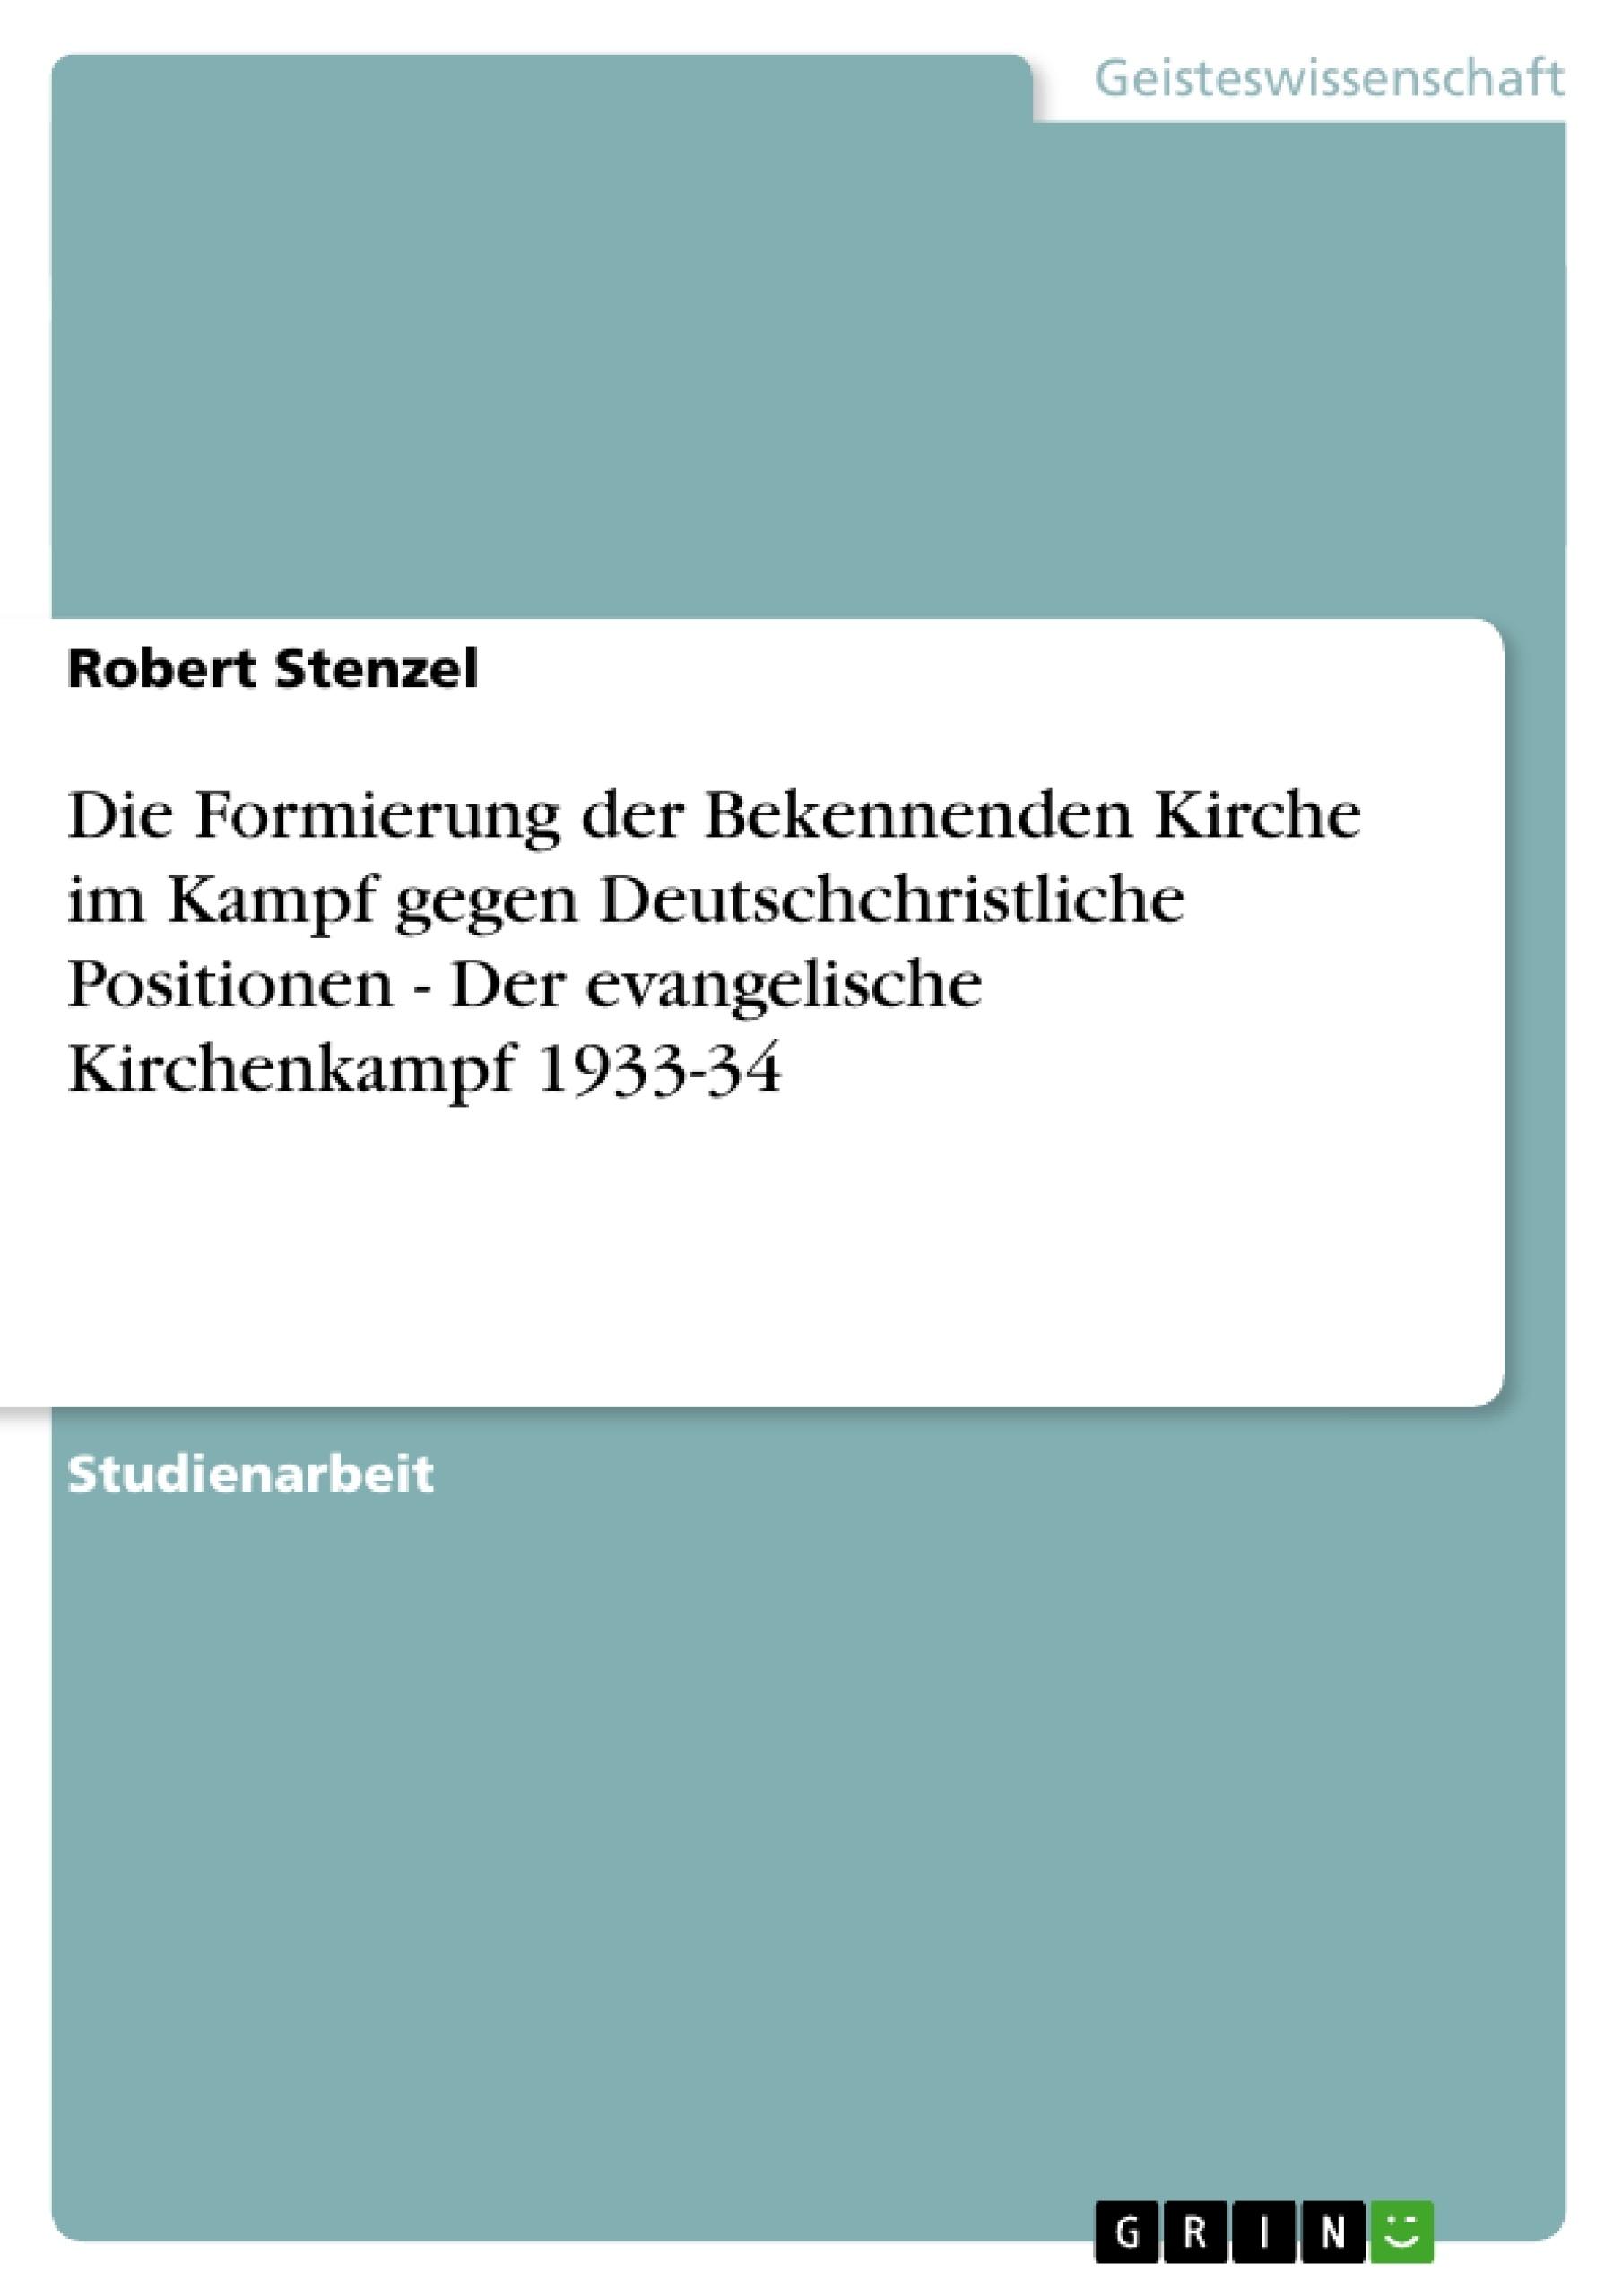 Titel: Die Formierung der Bekennenden Kirche im Kampf gegen Deutschchristliche Positionen - Der evangelische Kirchenkampf 1933-34